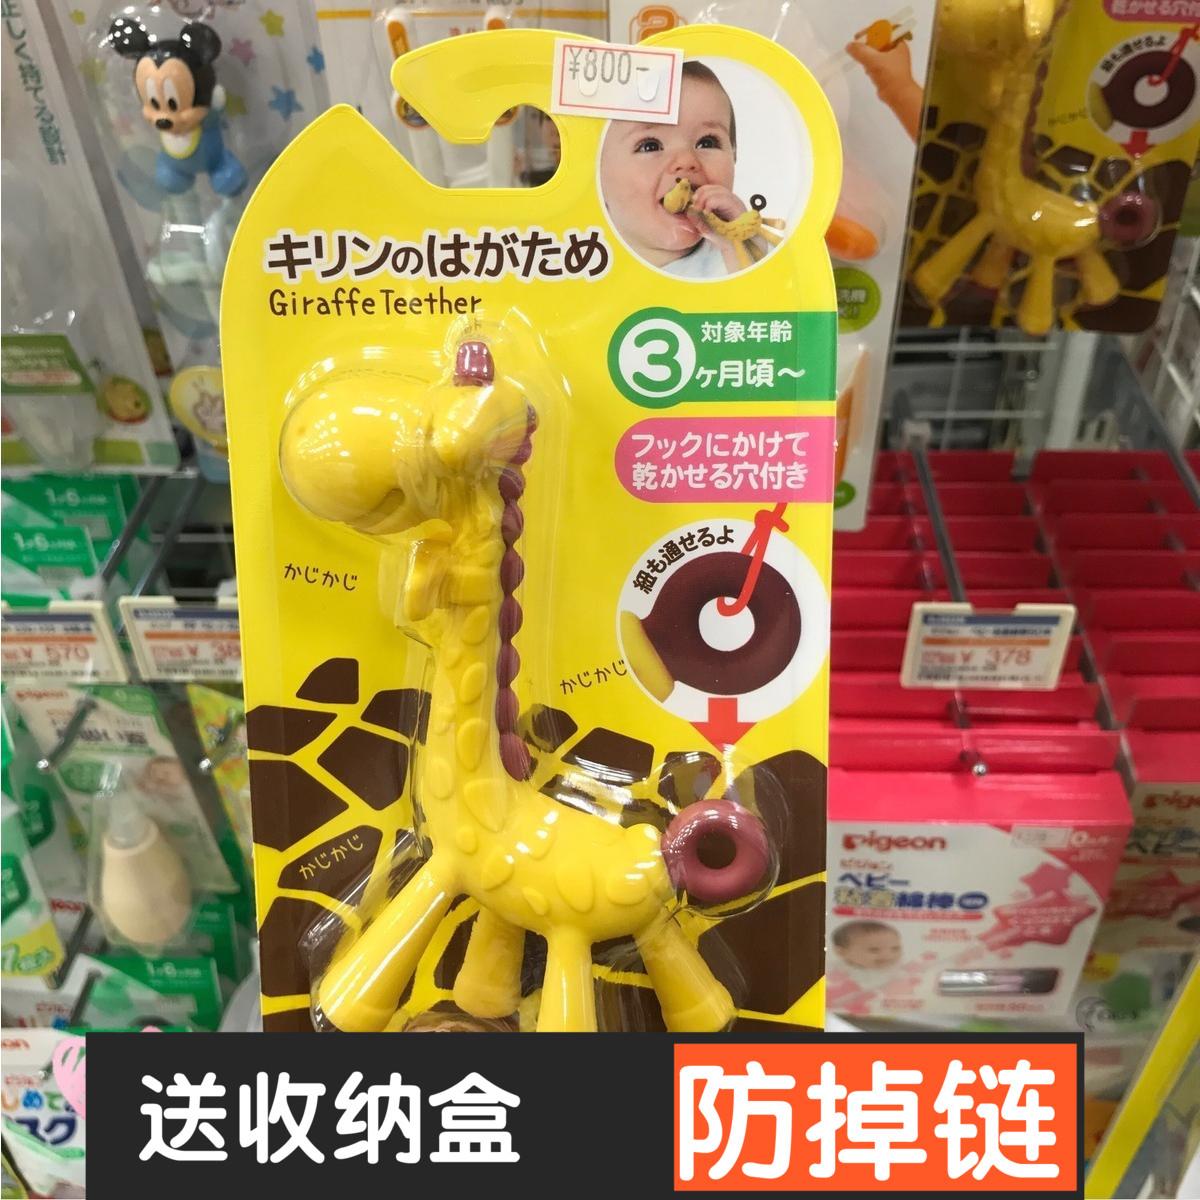 欧拉 现货日本KJC小鹿牙胶长颈鹿牙胶宝宝牙咬磨牙3+不含bpa